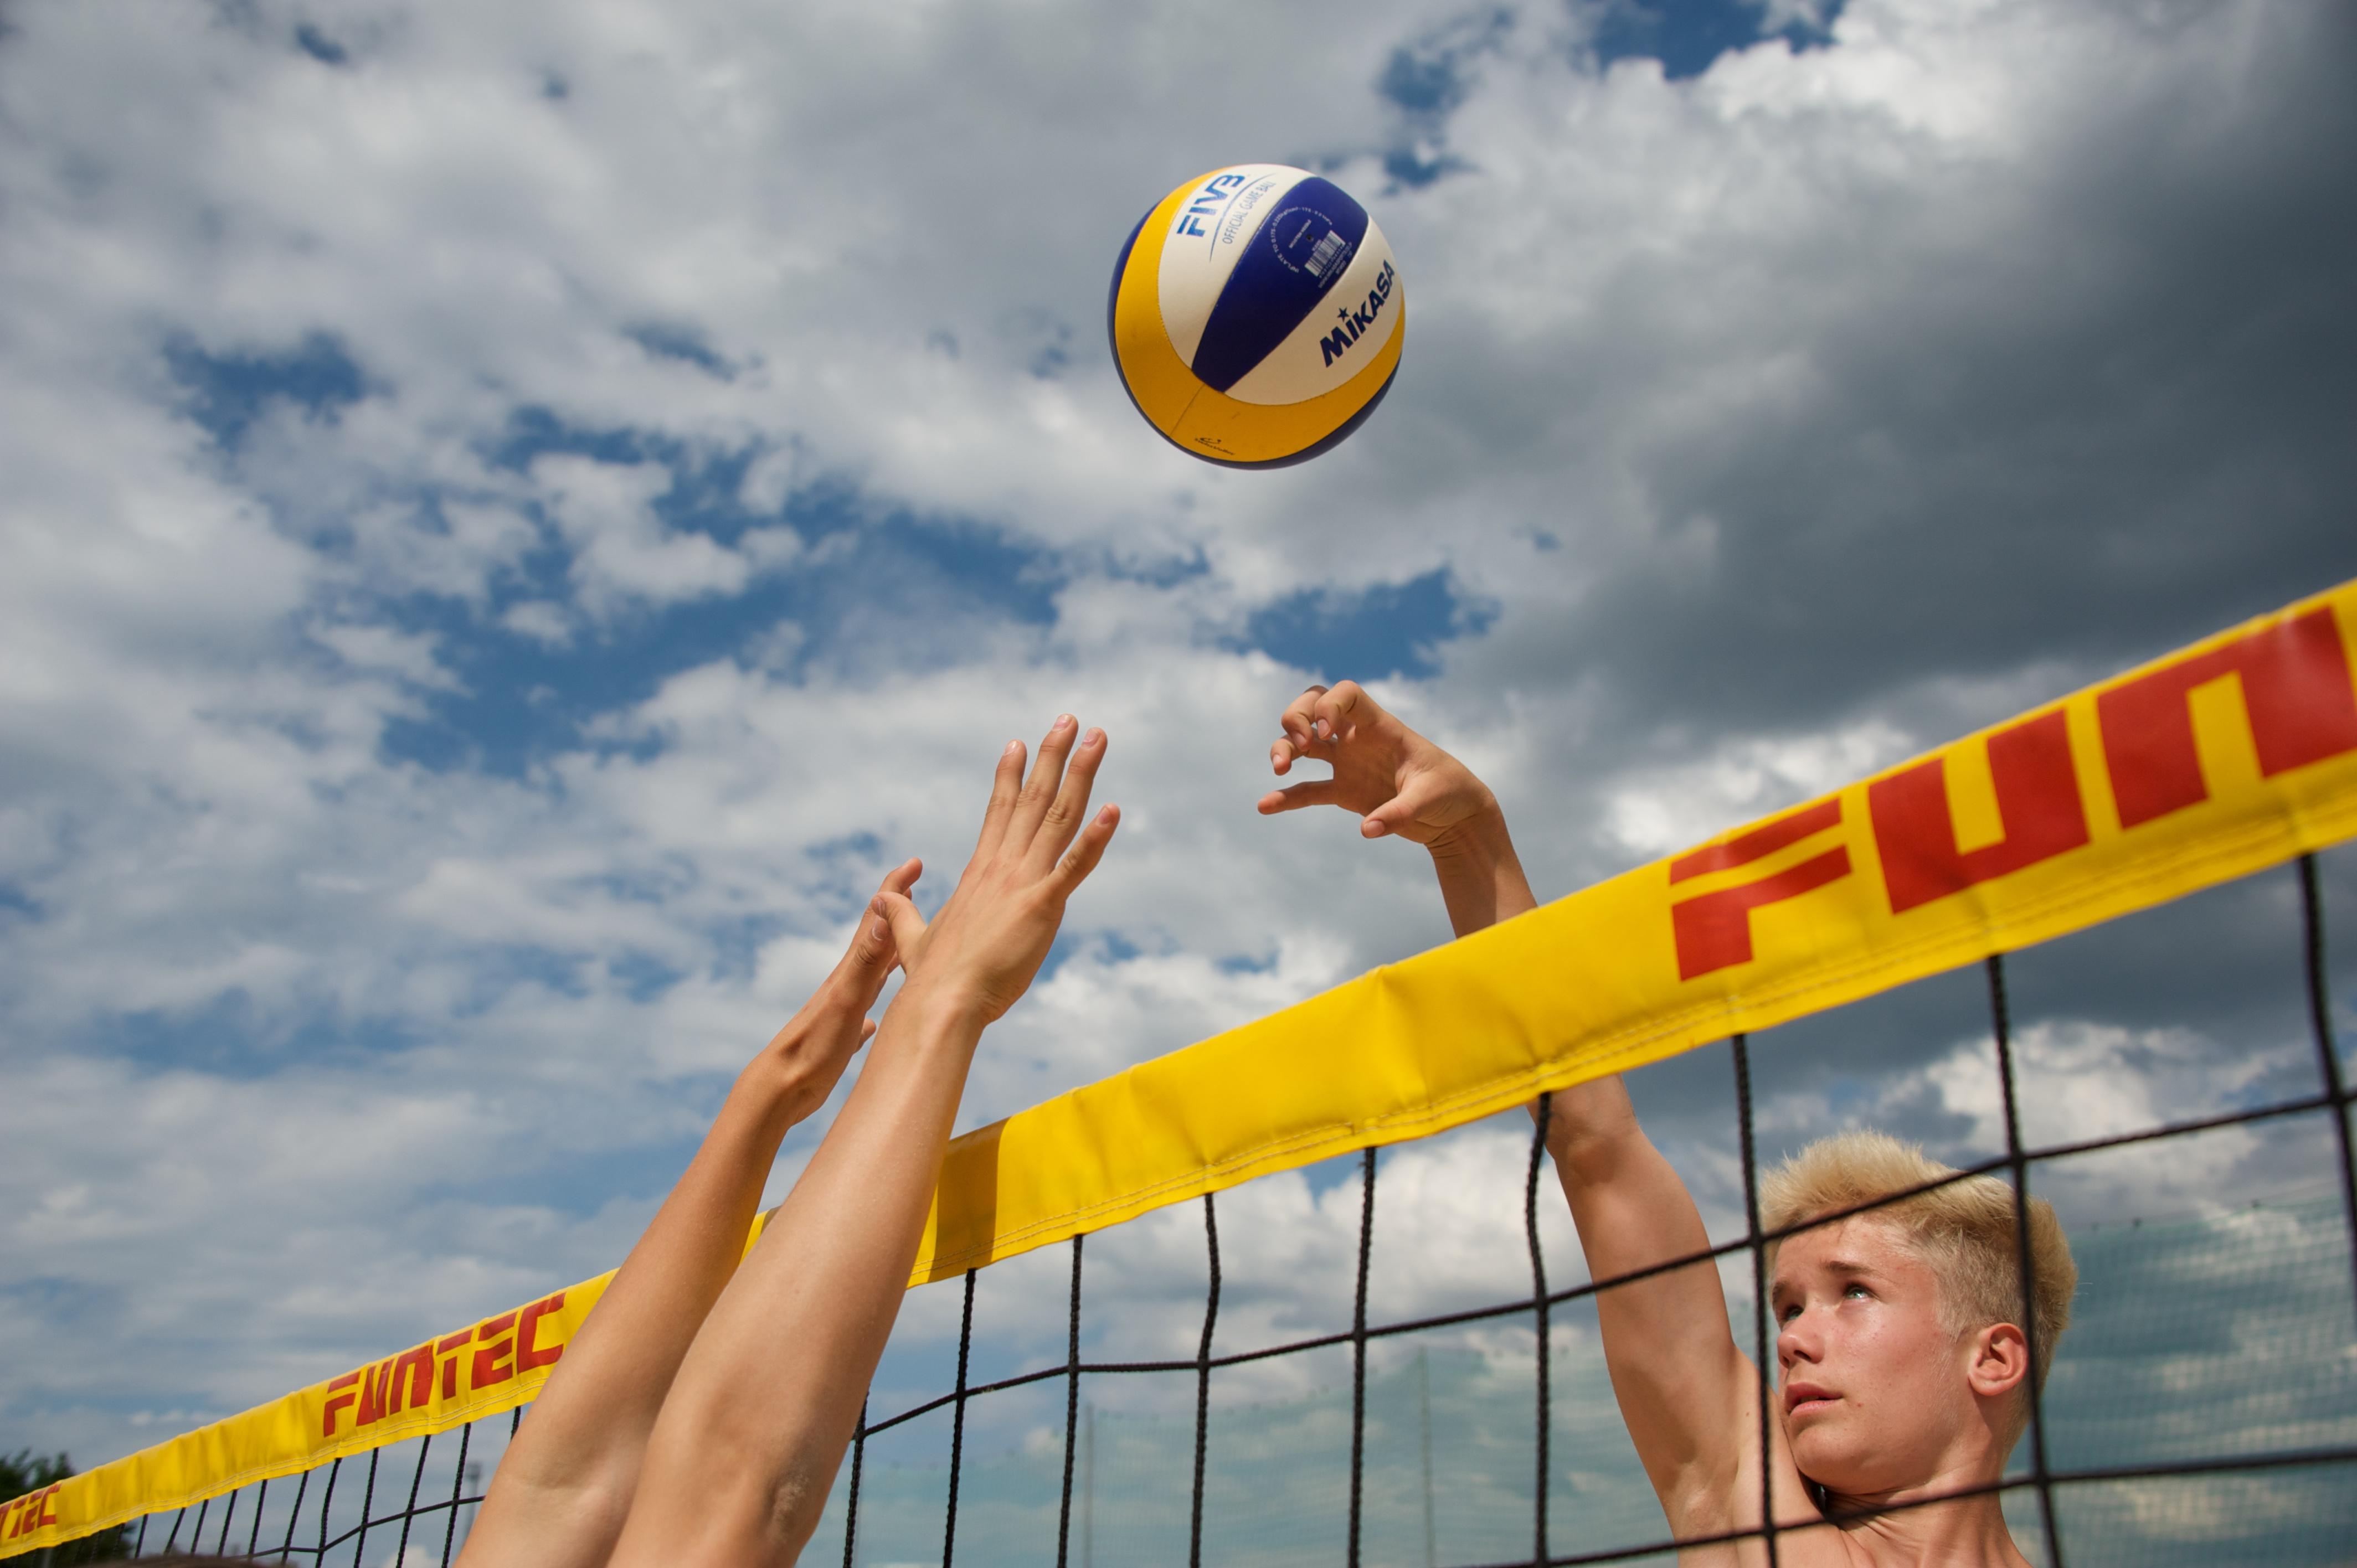 schweiz beachvolleyball